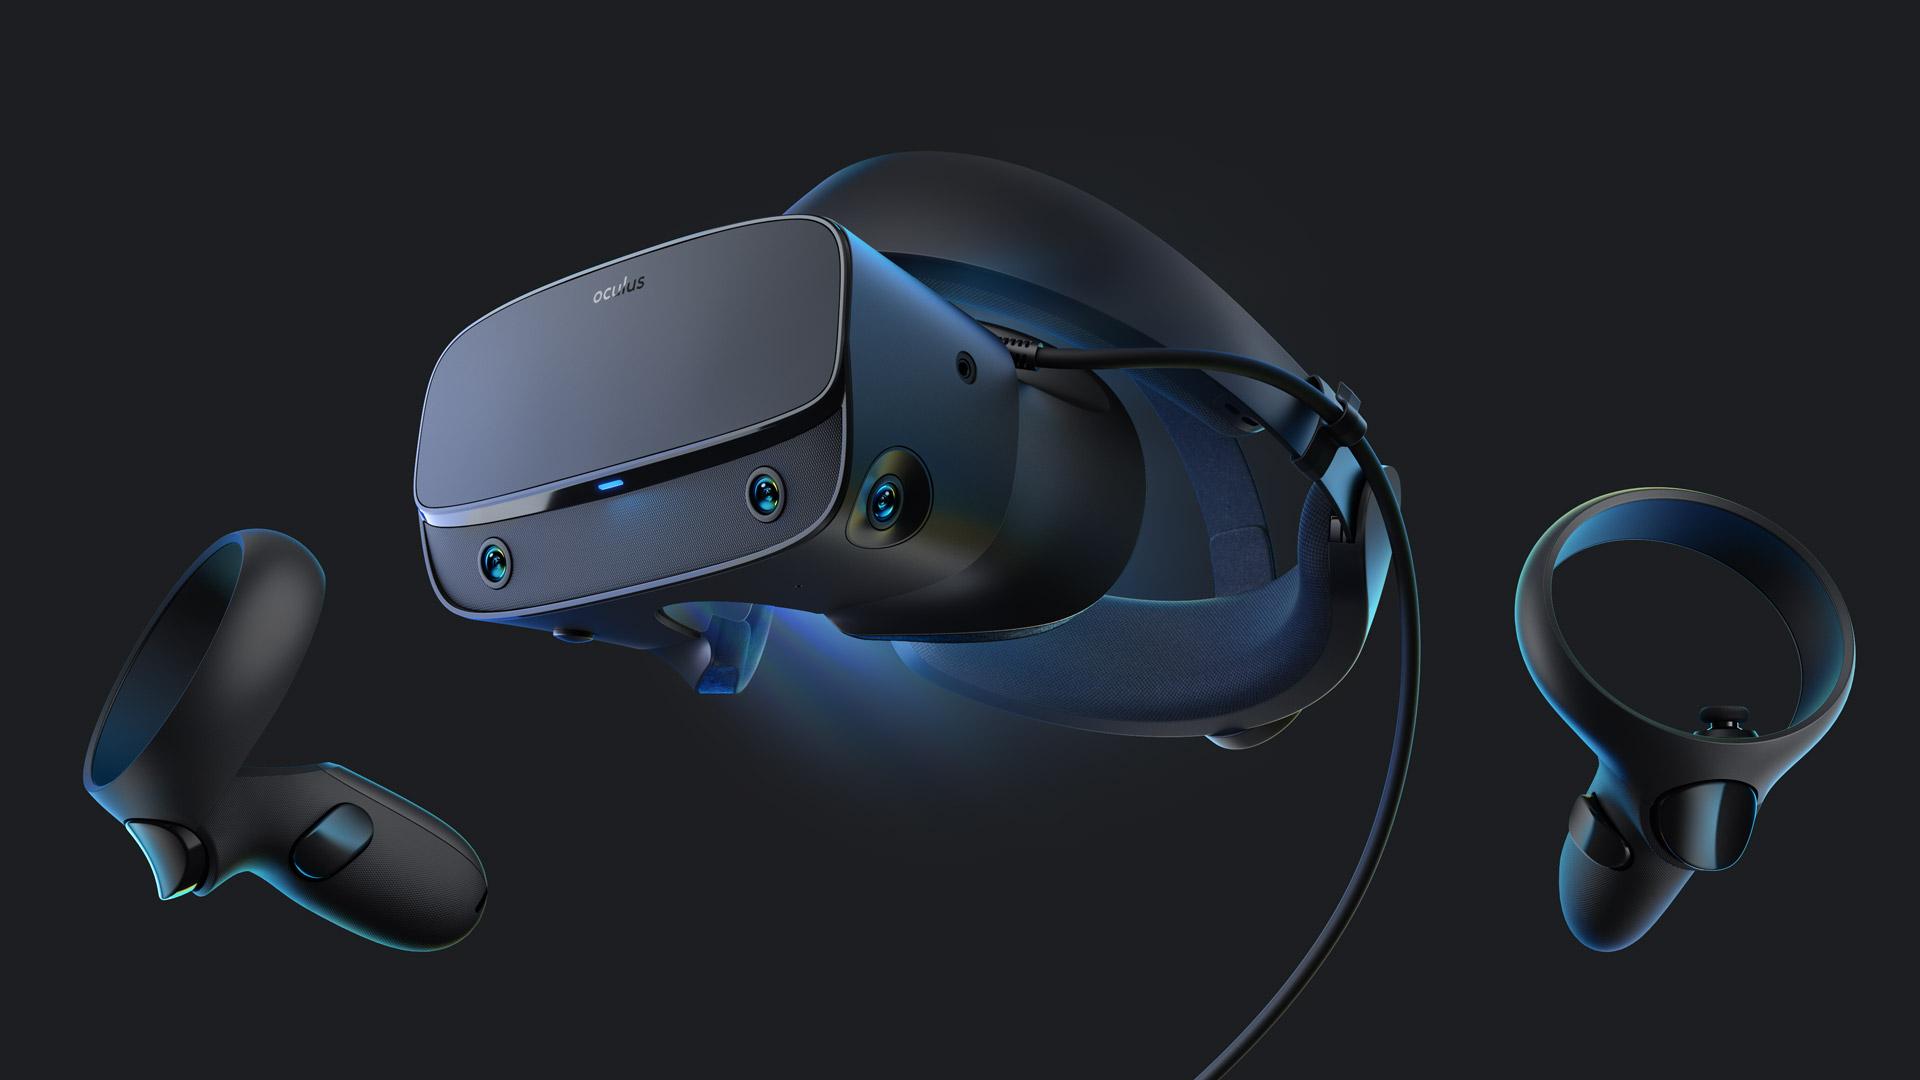 oculus-rift-s-1-1.jpg